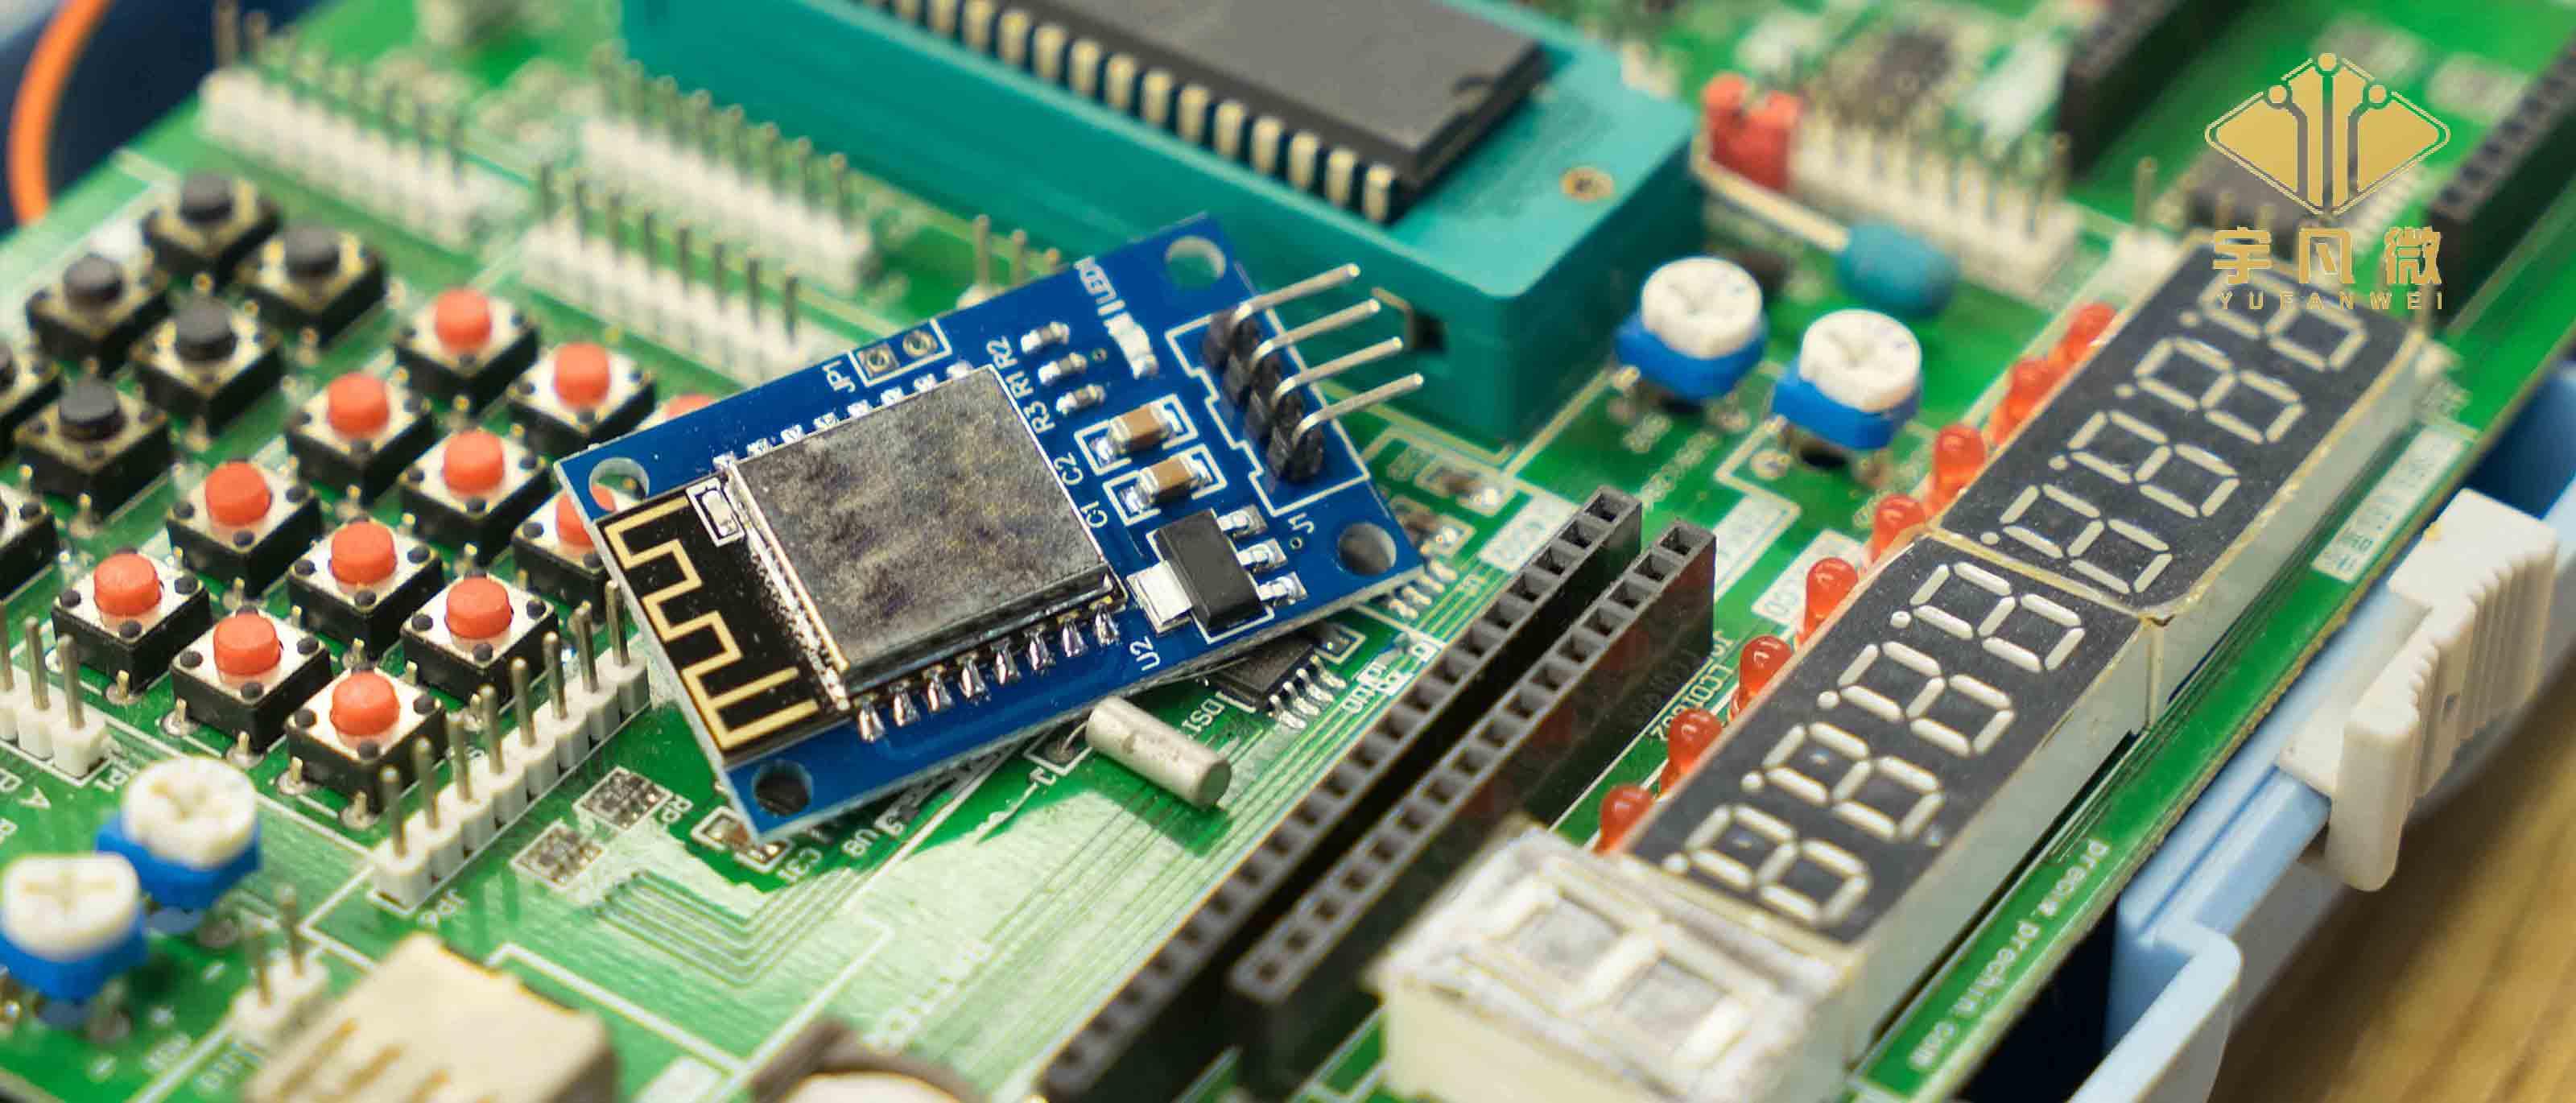 微控制器开发